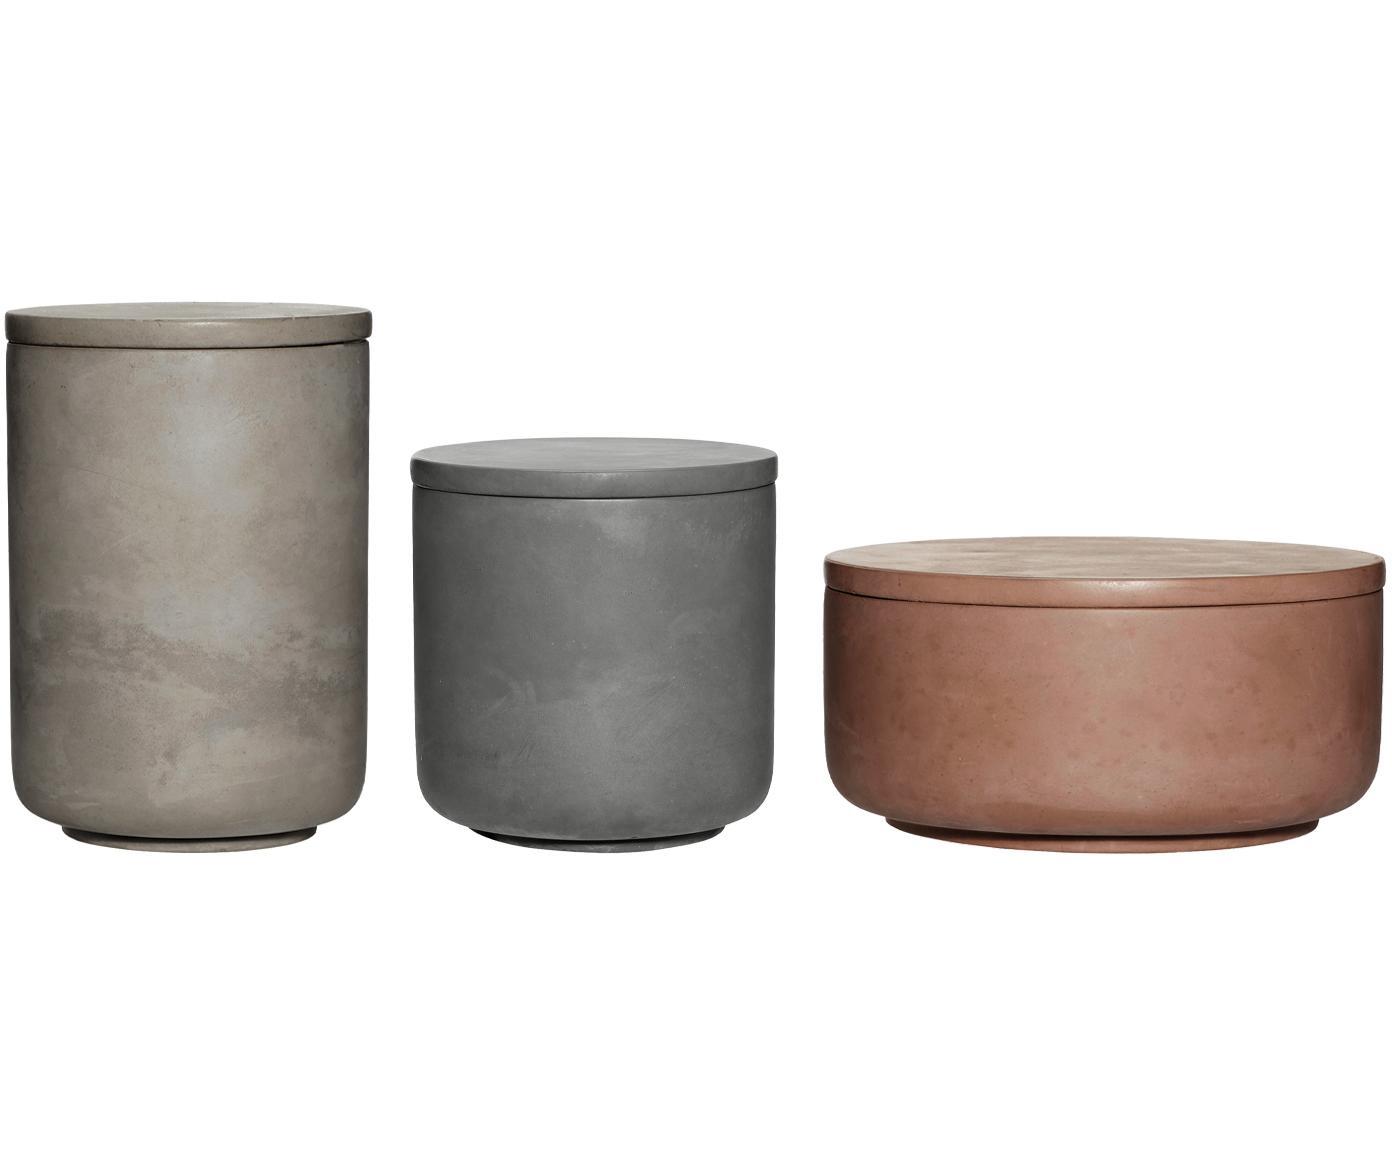 Opbergpotten set Tomoe, 3-delig, Cement, Roze, lichtgrijs, donkergrijs, Verschillende formaten